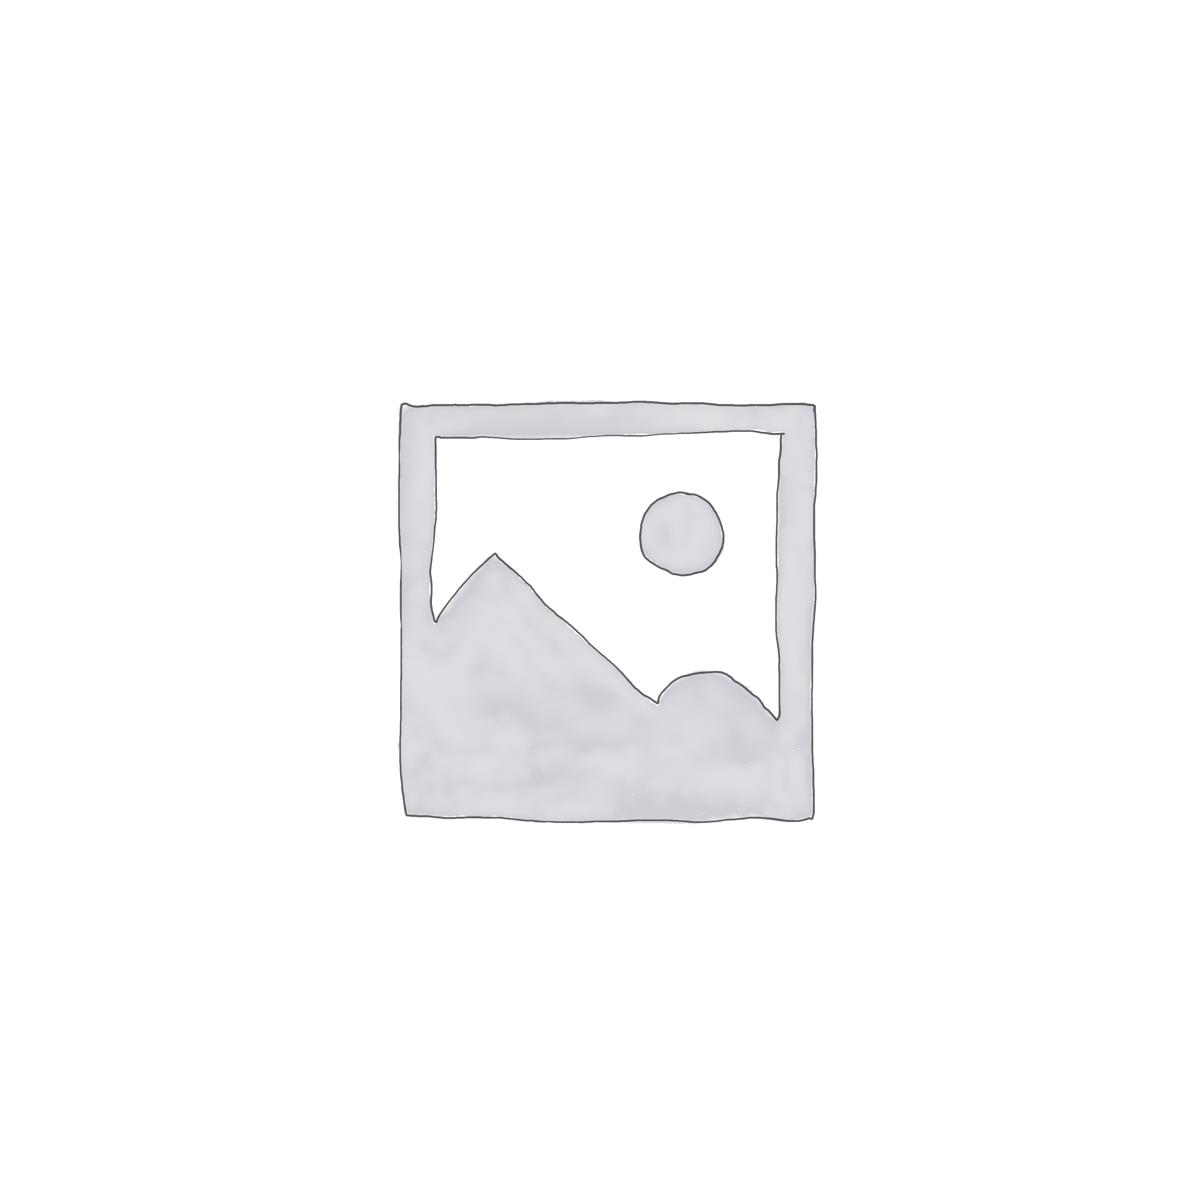 Plaatsvervangende afbeelding